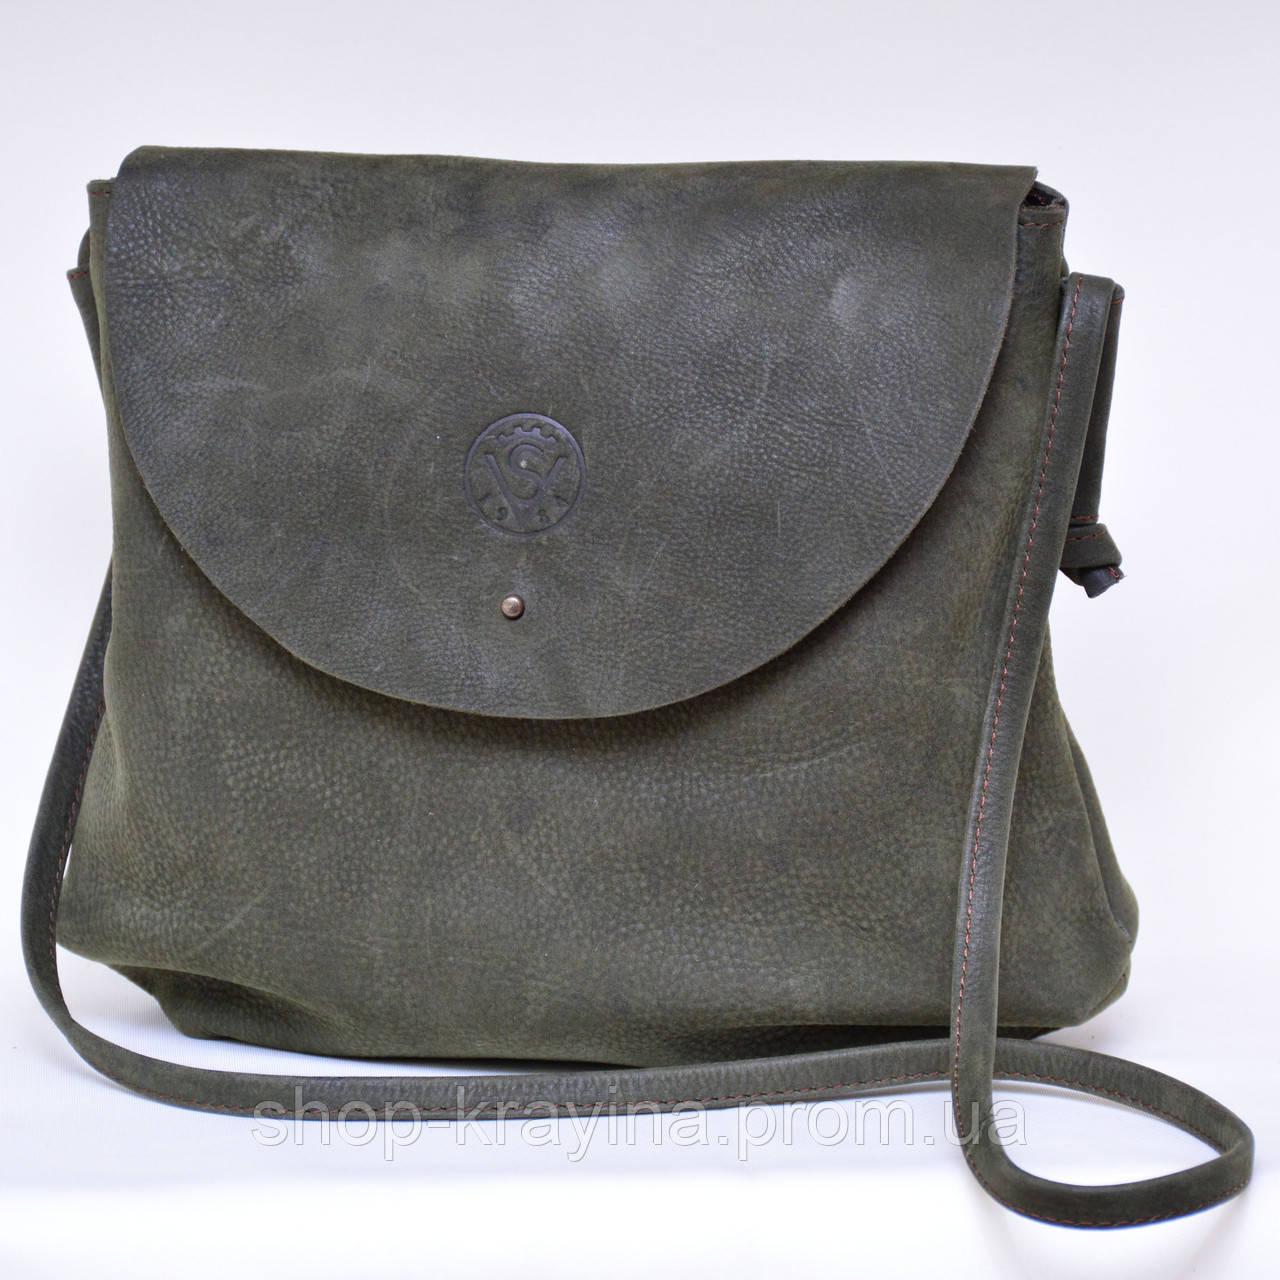 Кожаная сумка VS129  gray brown 28х25х9 см